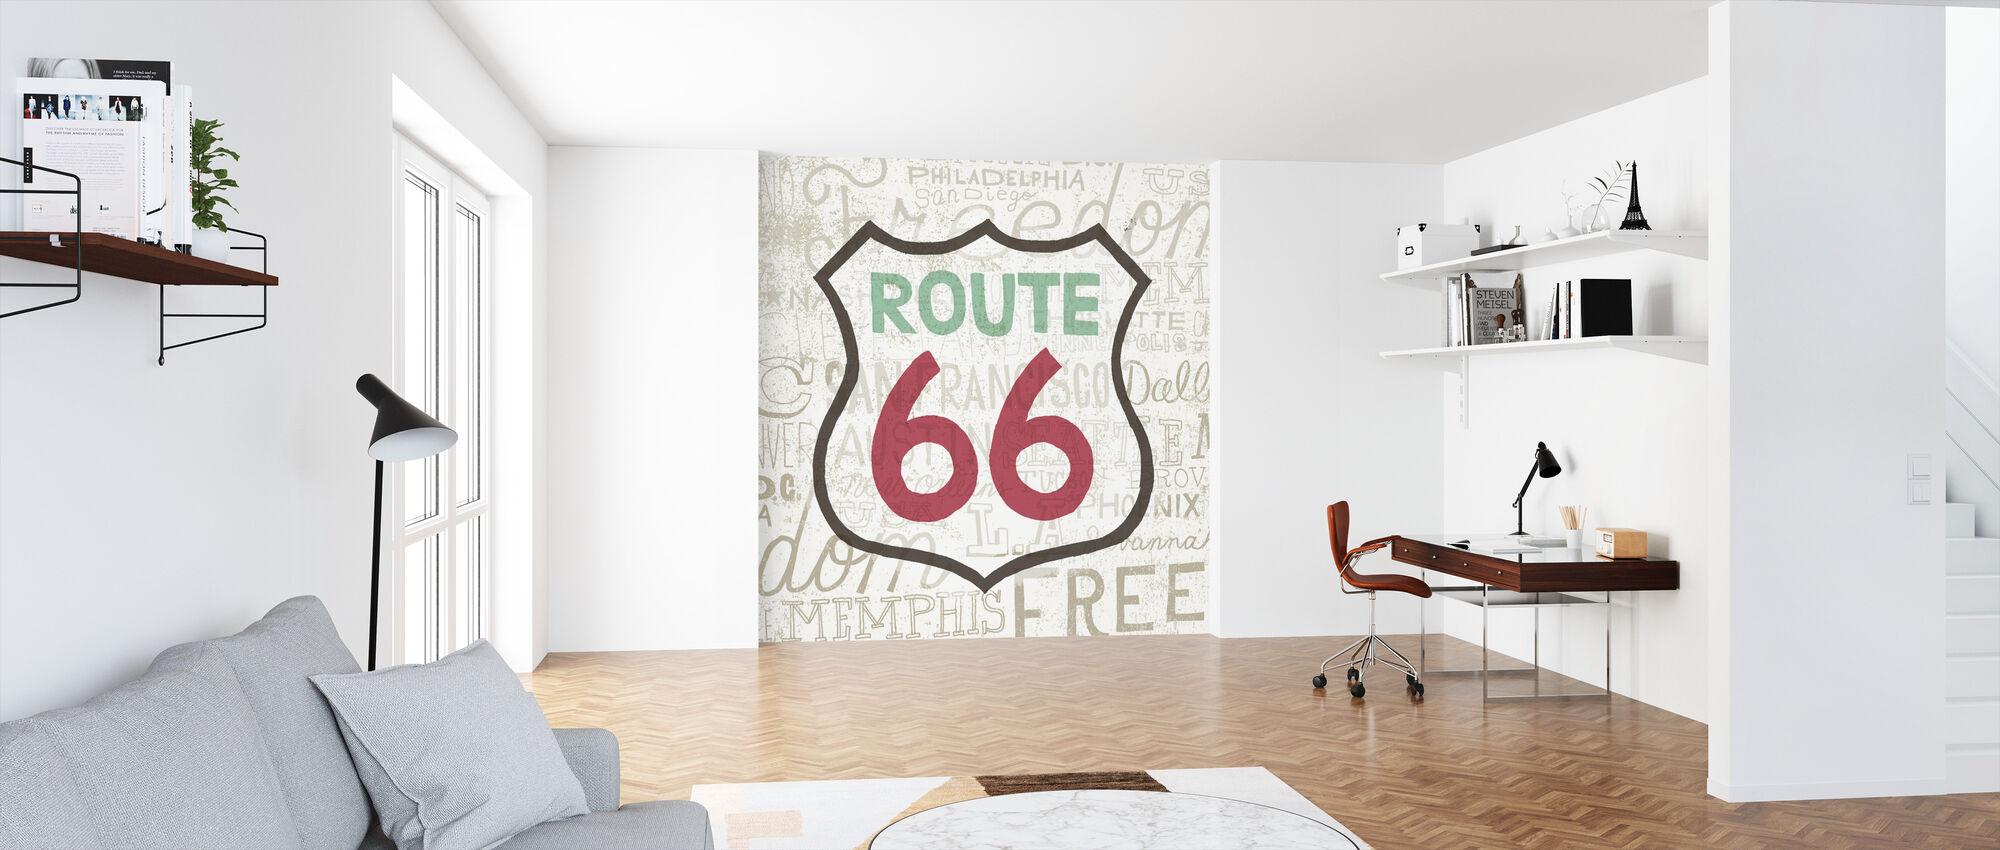 Road trip - Reitti 66 - Tapetti - Toimisto